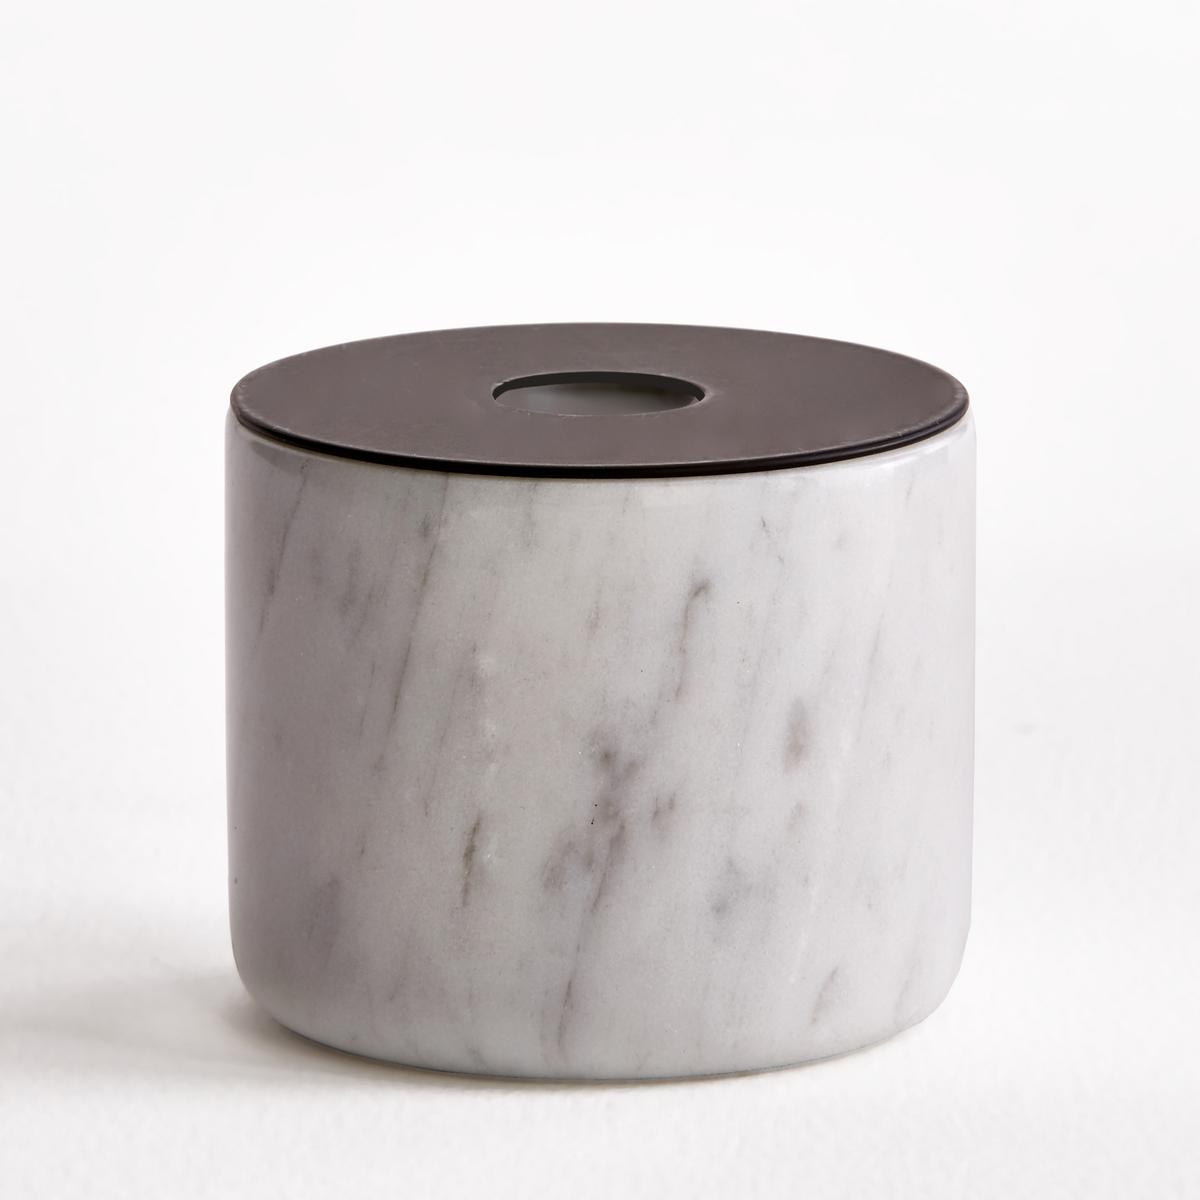 Подсвечник мраморный, размер 2, В.6 см, MalerbaПодсвечник Malerba. Из мрамора и металла черного цвета. Для свечи диаметром 2 см. Размеры  :  диаметр 7,5 x высота 6 см.<br><br>Цвет: мраморный